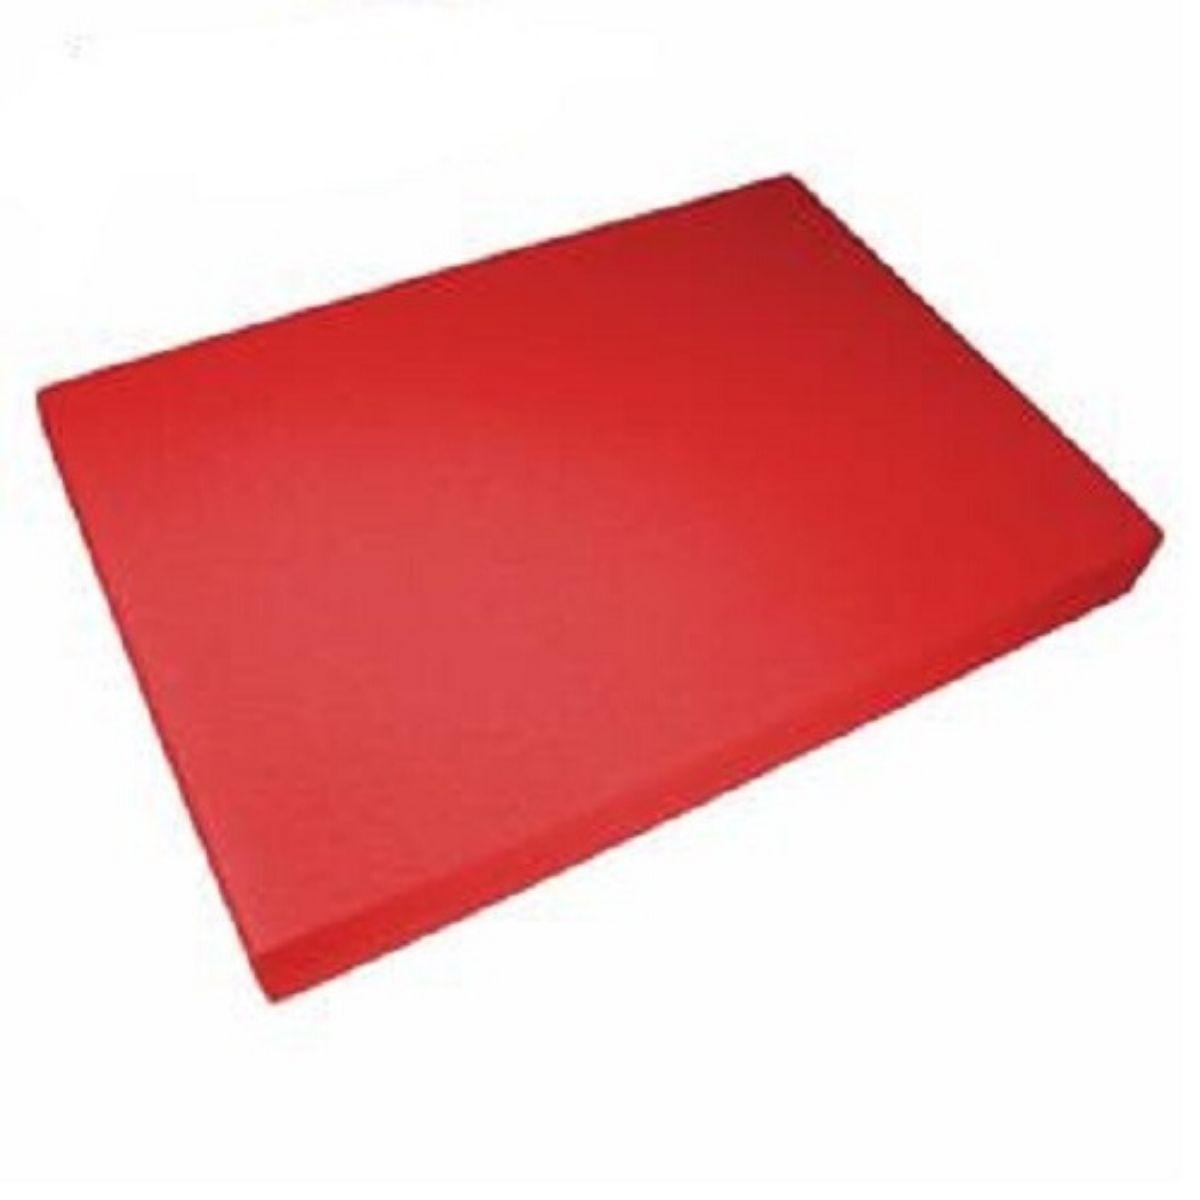 Capa para Encadernação PP 0,30mm A4 Vermelha Couro (Fundo) - Pacote com 100 unidades  - Click Suprimentos